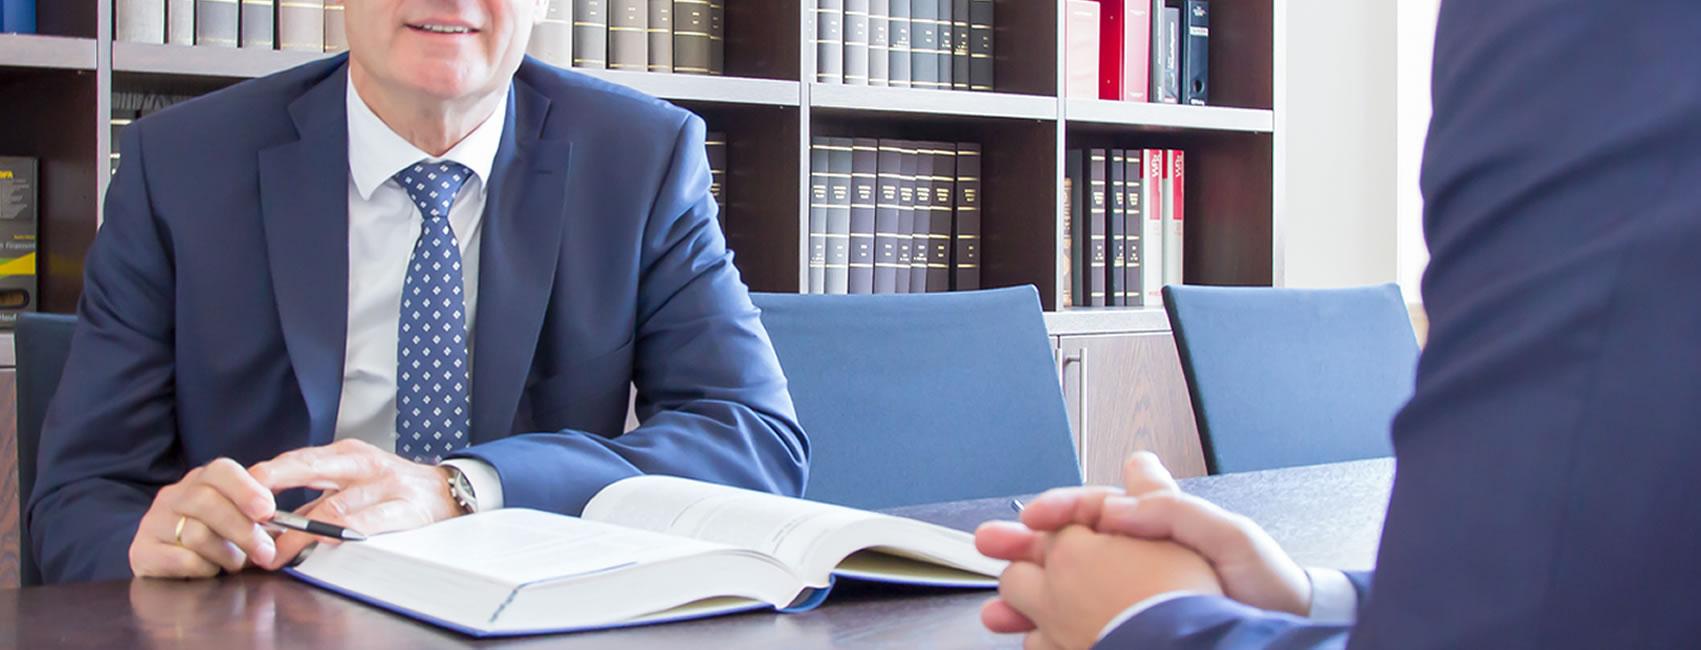 Weydandt & Heberling betriebswirtschaftliche Beratung